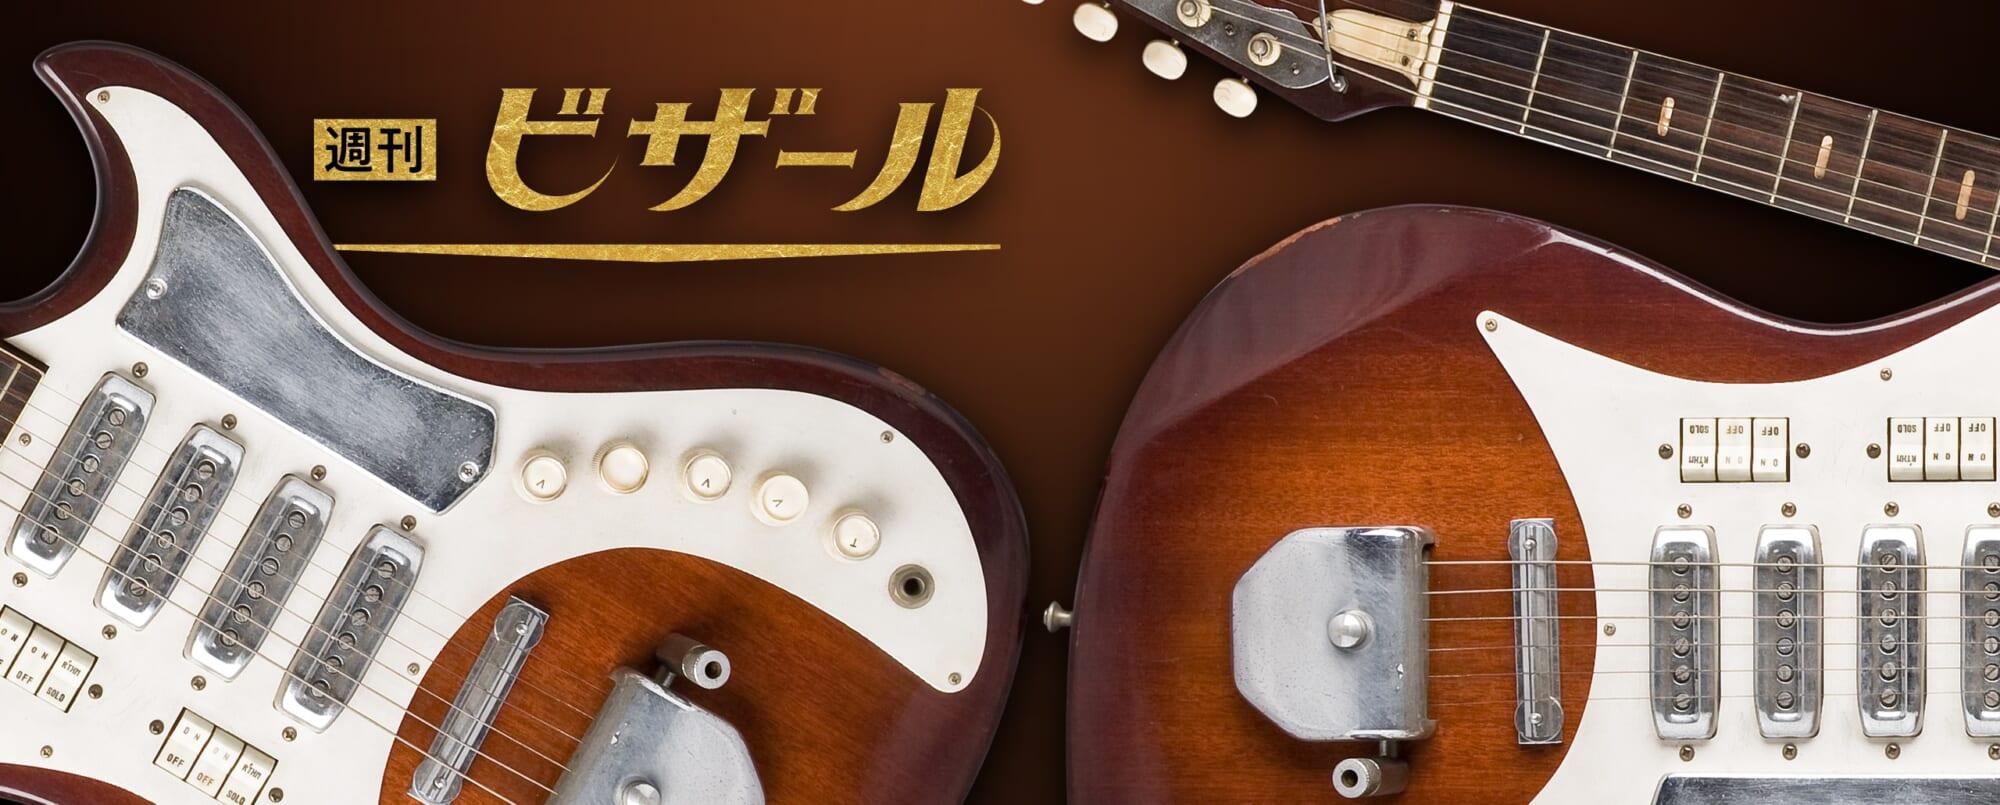 カワイSD-4W日本の技術力を感じるビザール